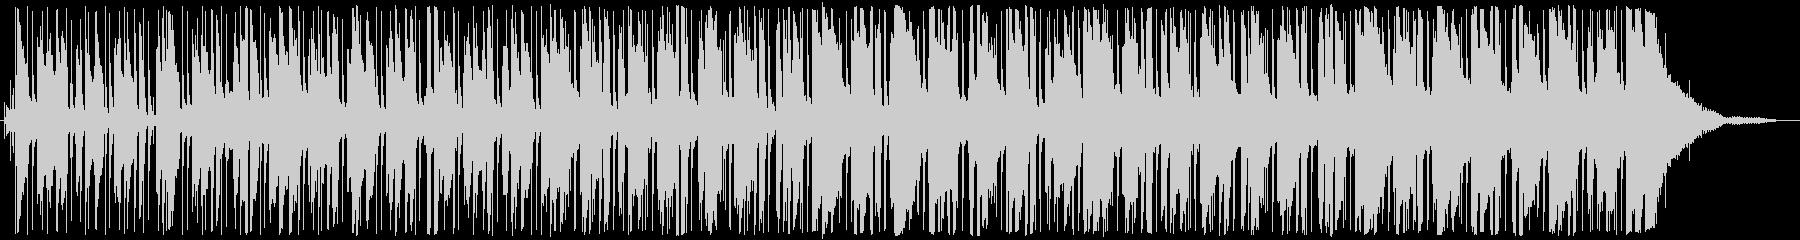 ファンク 緊張感 暗い ホラー ピ...の未再生の波形